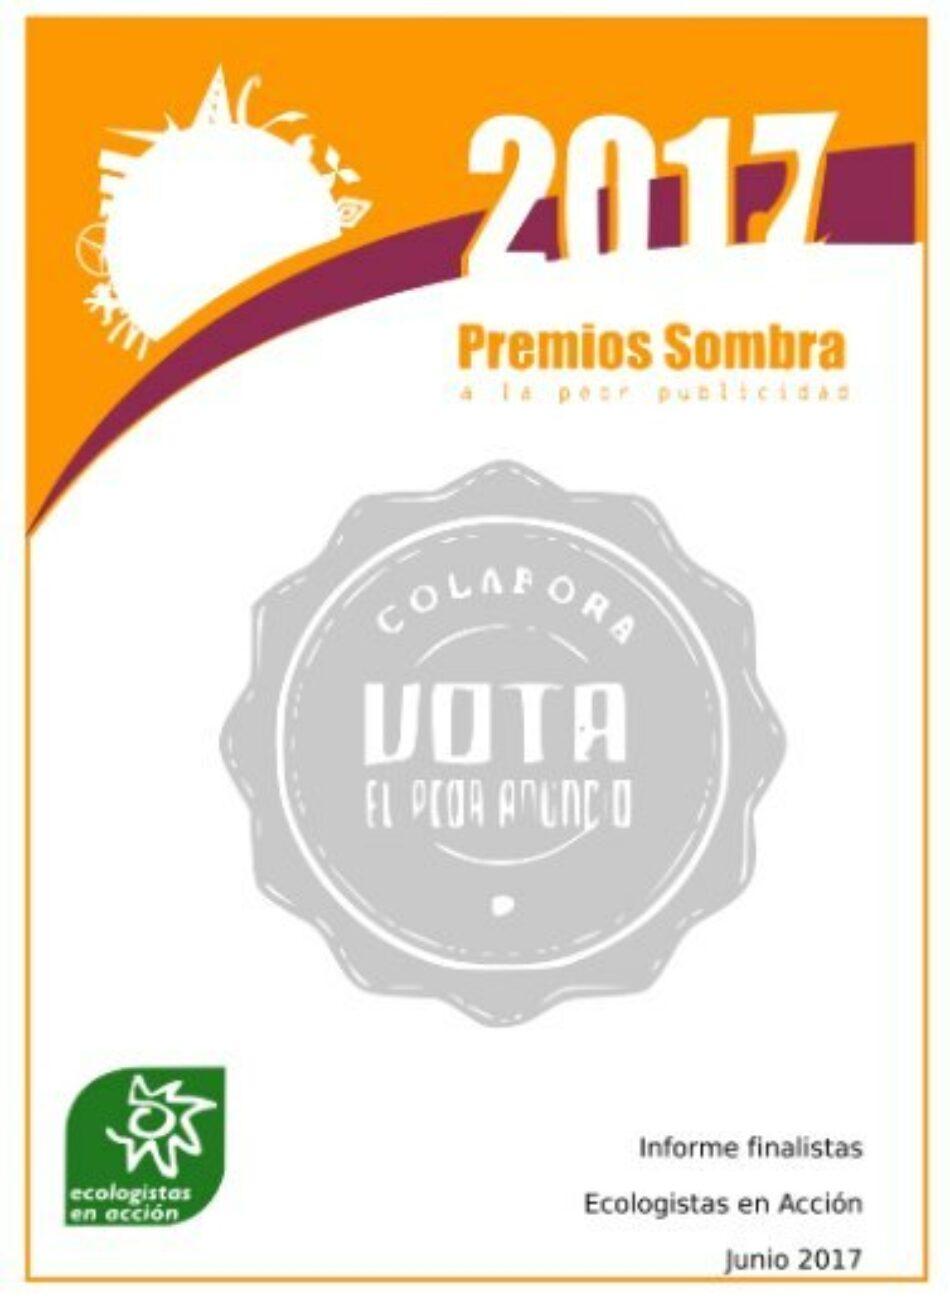 Décima edición de los Premios Sombra a la peor publicidad